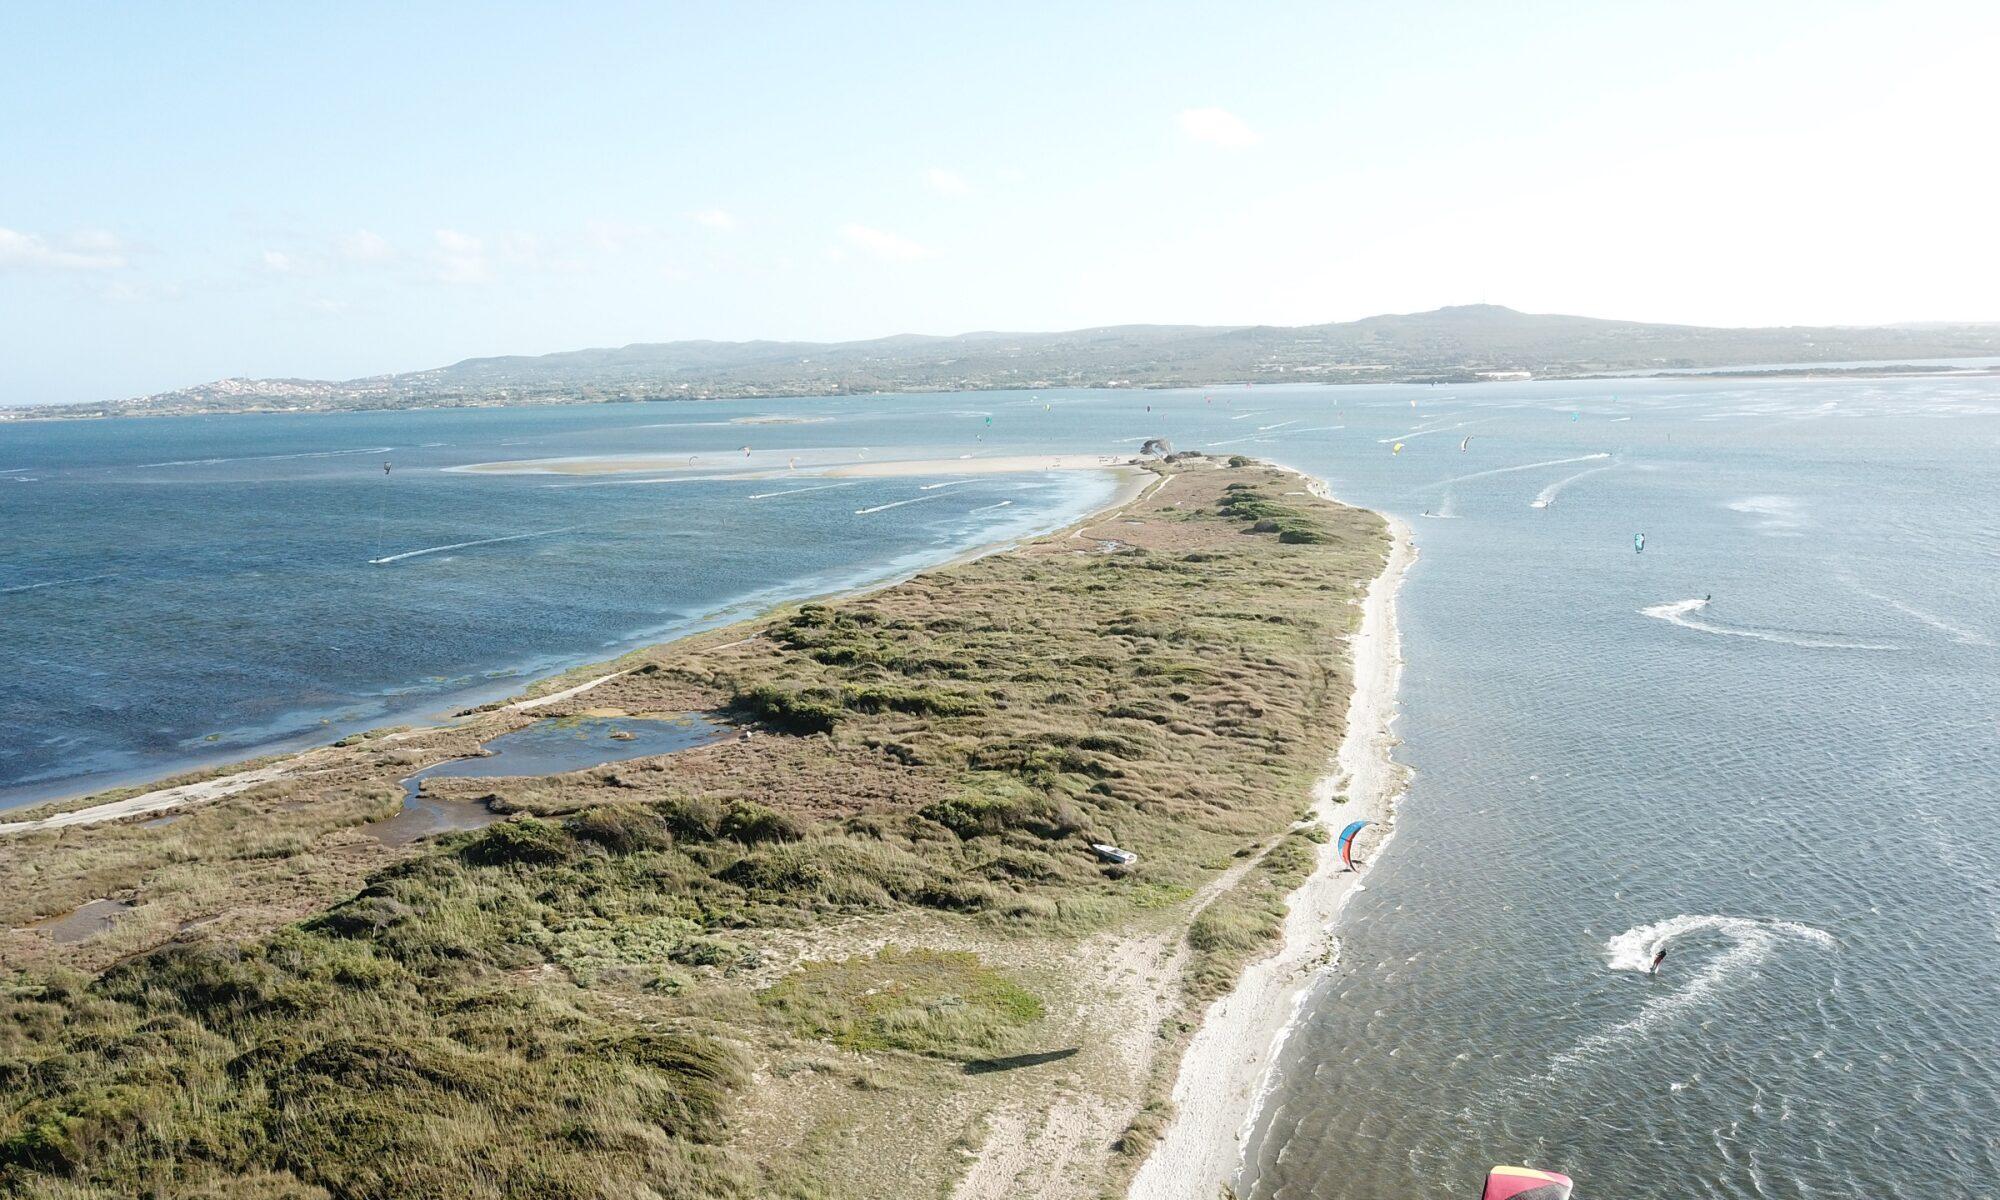 Sardinia Kitesurfing spots